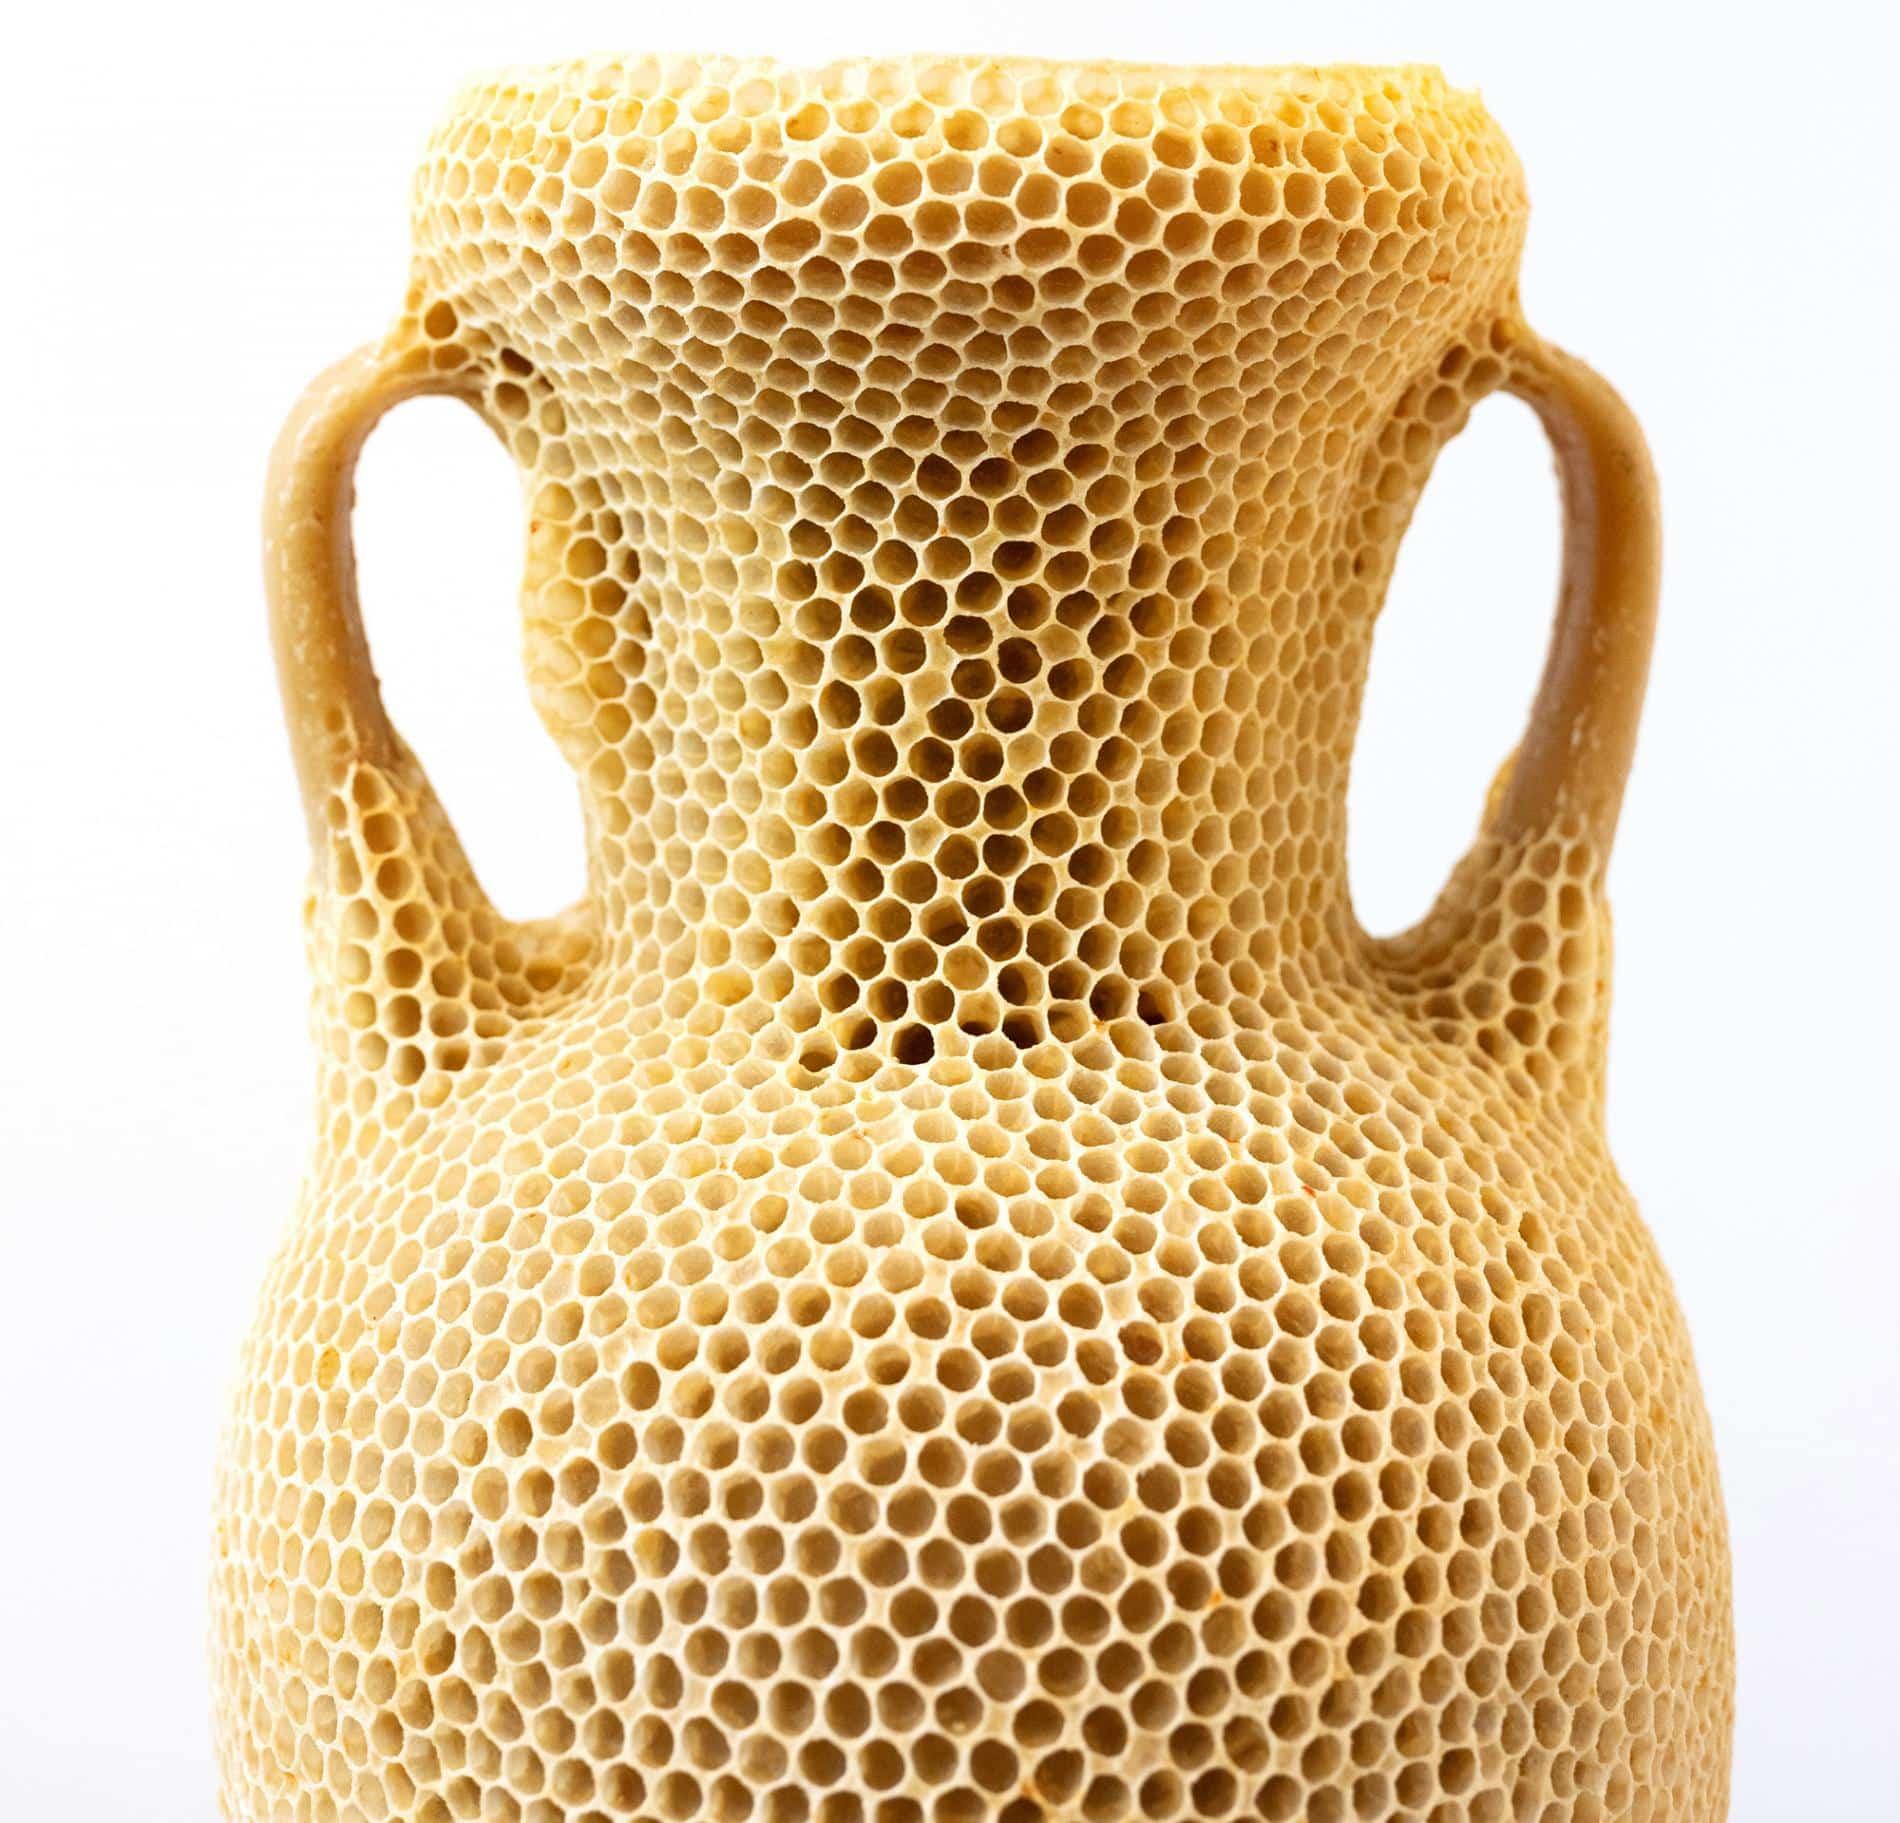 The Honeycomb Amphora tomas libertini